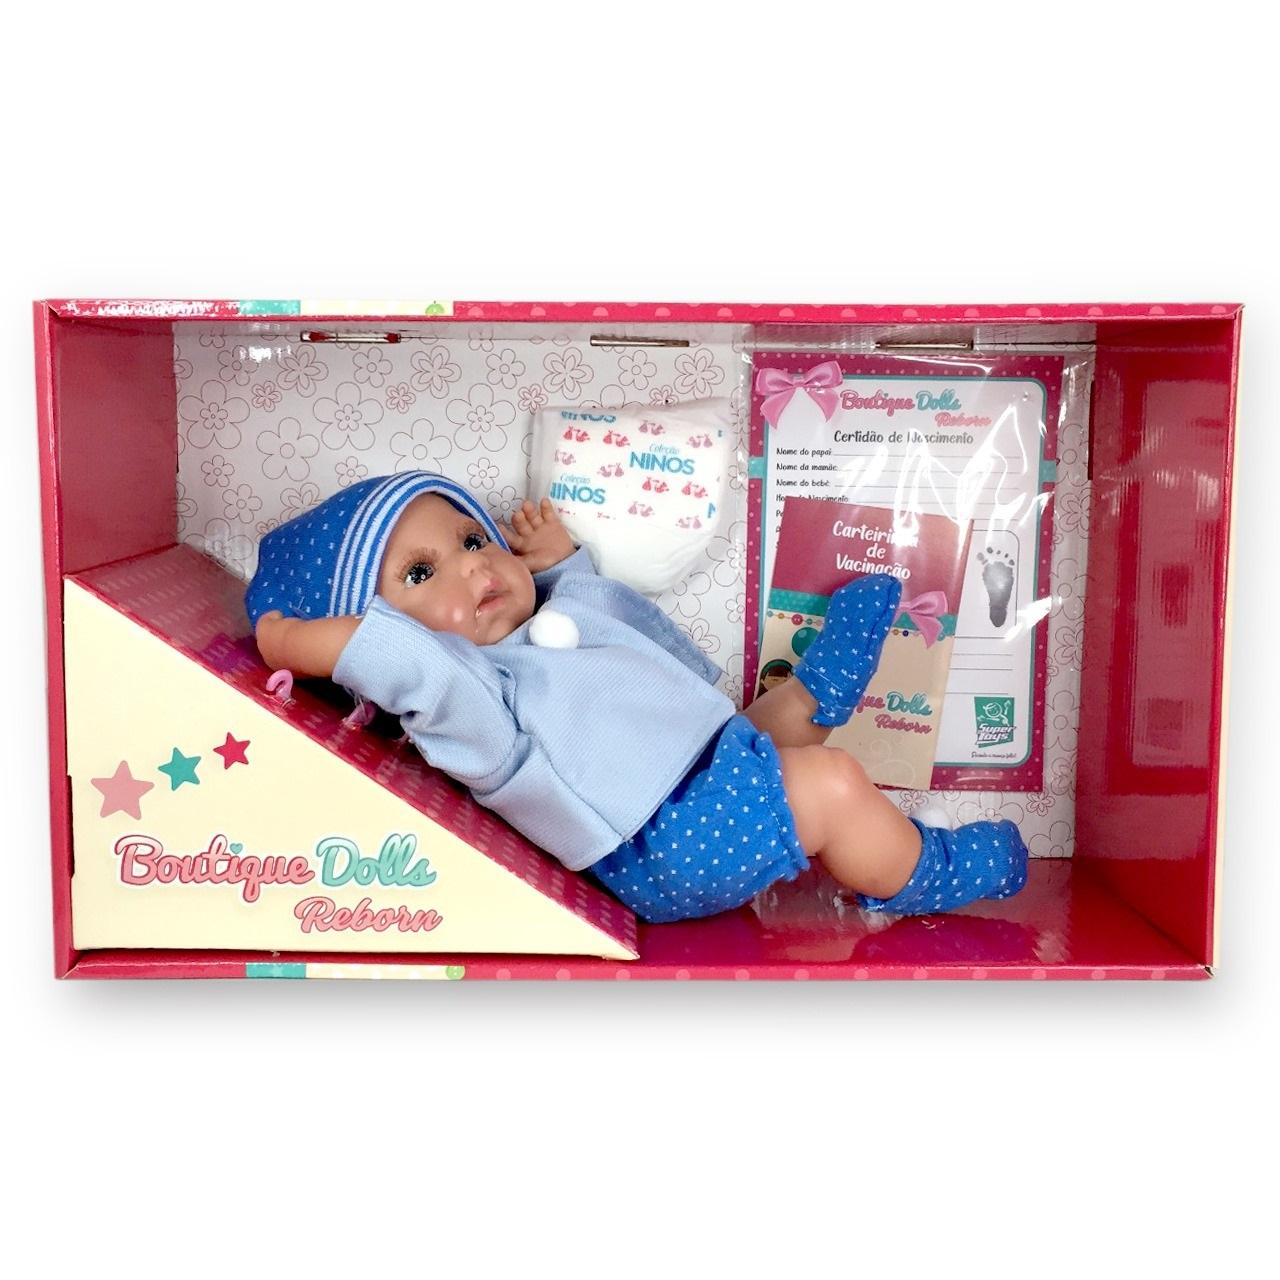 Boneco Bebê Reborn Menino Dolls Com Certidão Nascimento